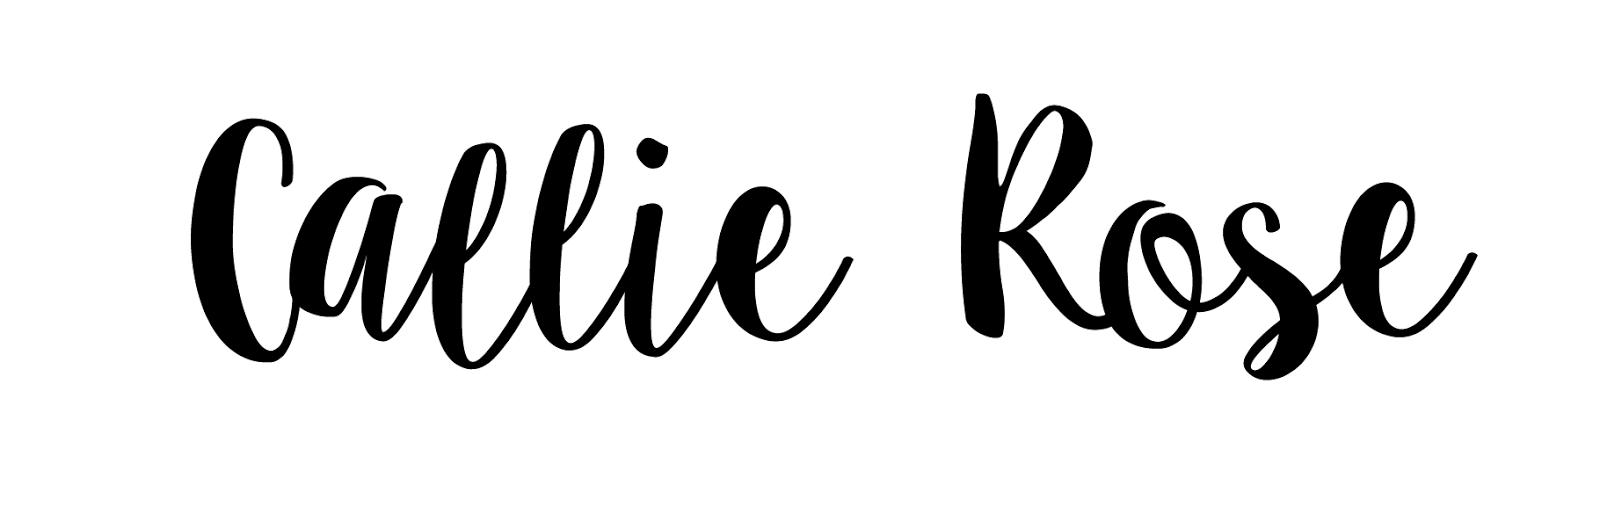 Callie Rose